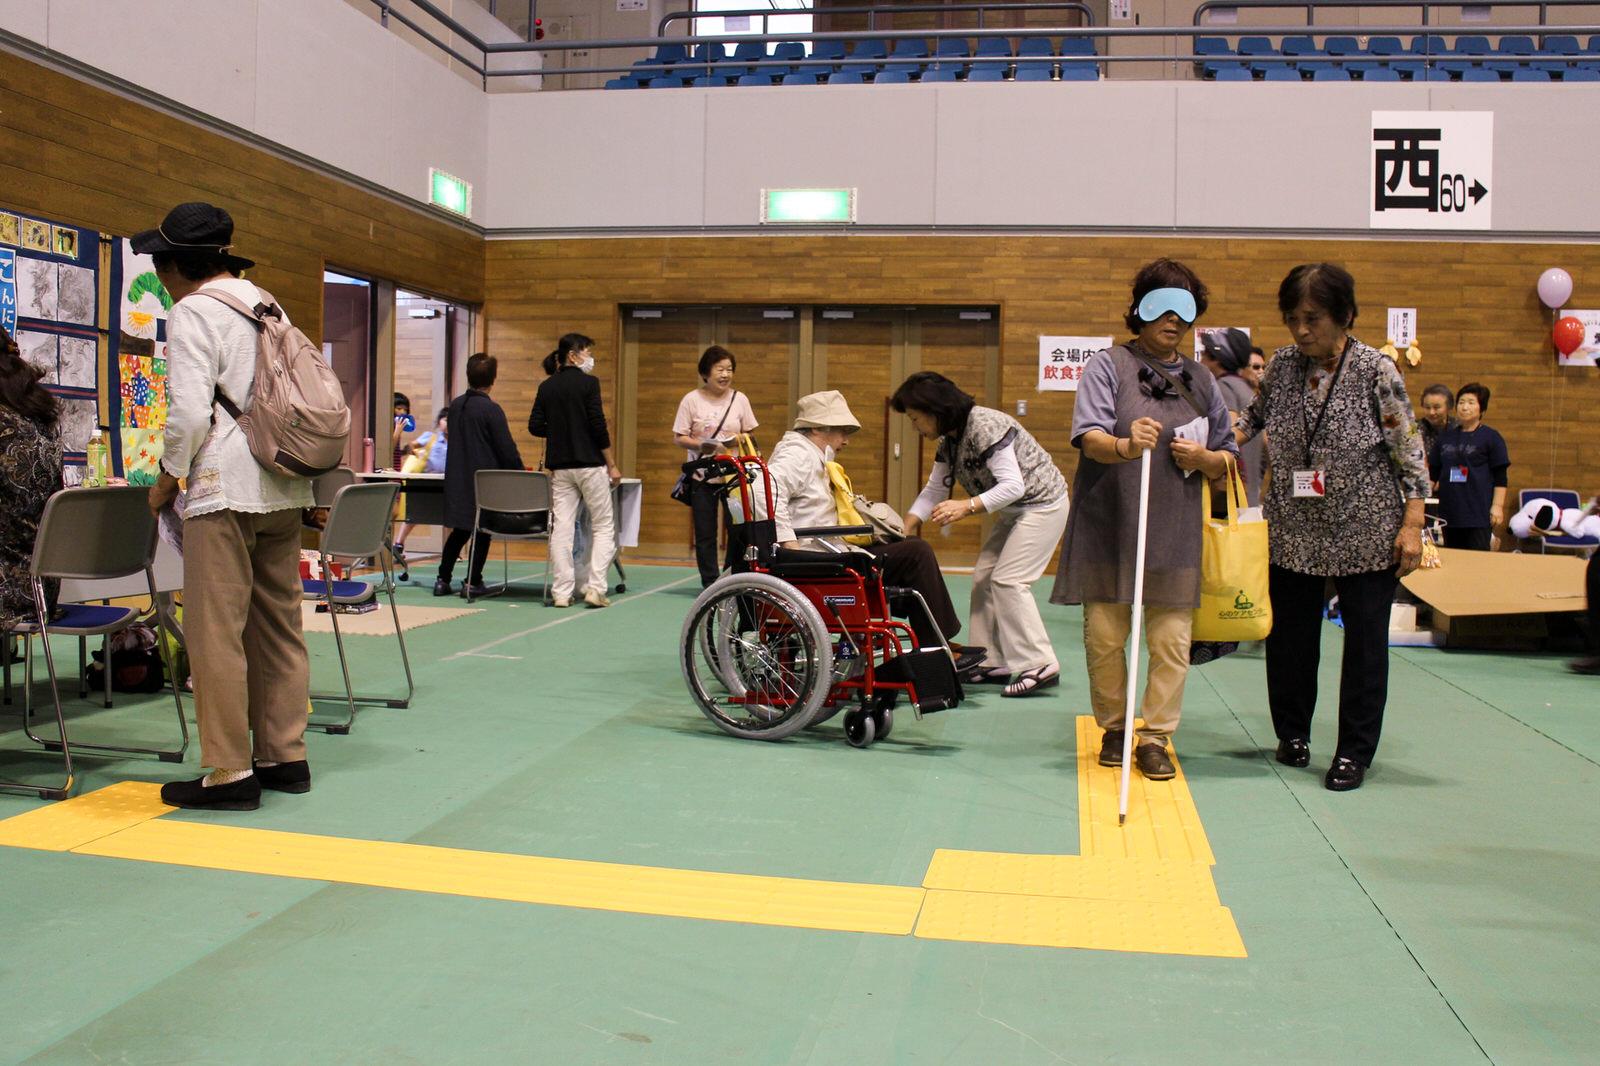 カリタス米川ベースの福祉体験!車椅子、視覚障害などの疑似体験